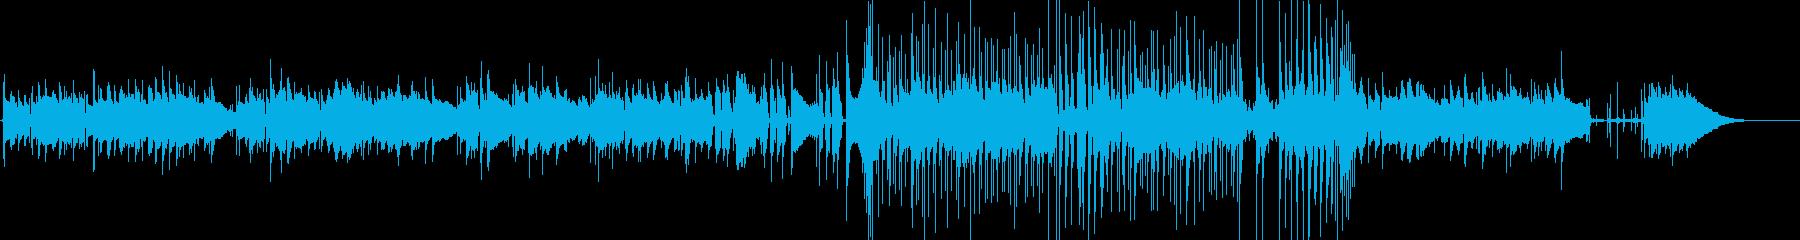 フォーク/アメリカーナ楽器。のんび...の再生済みの波形